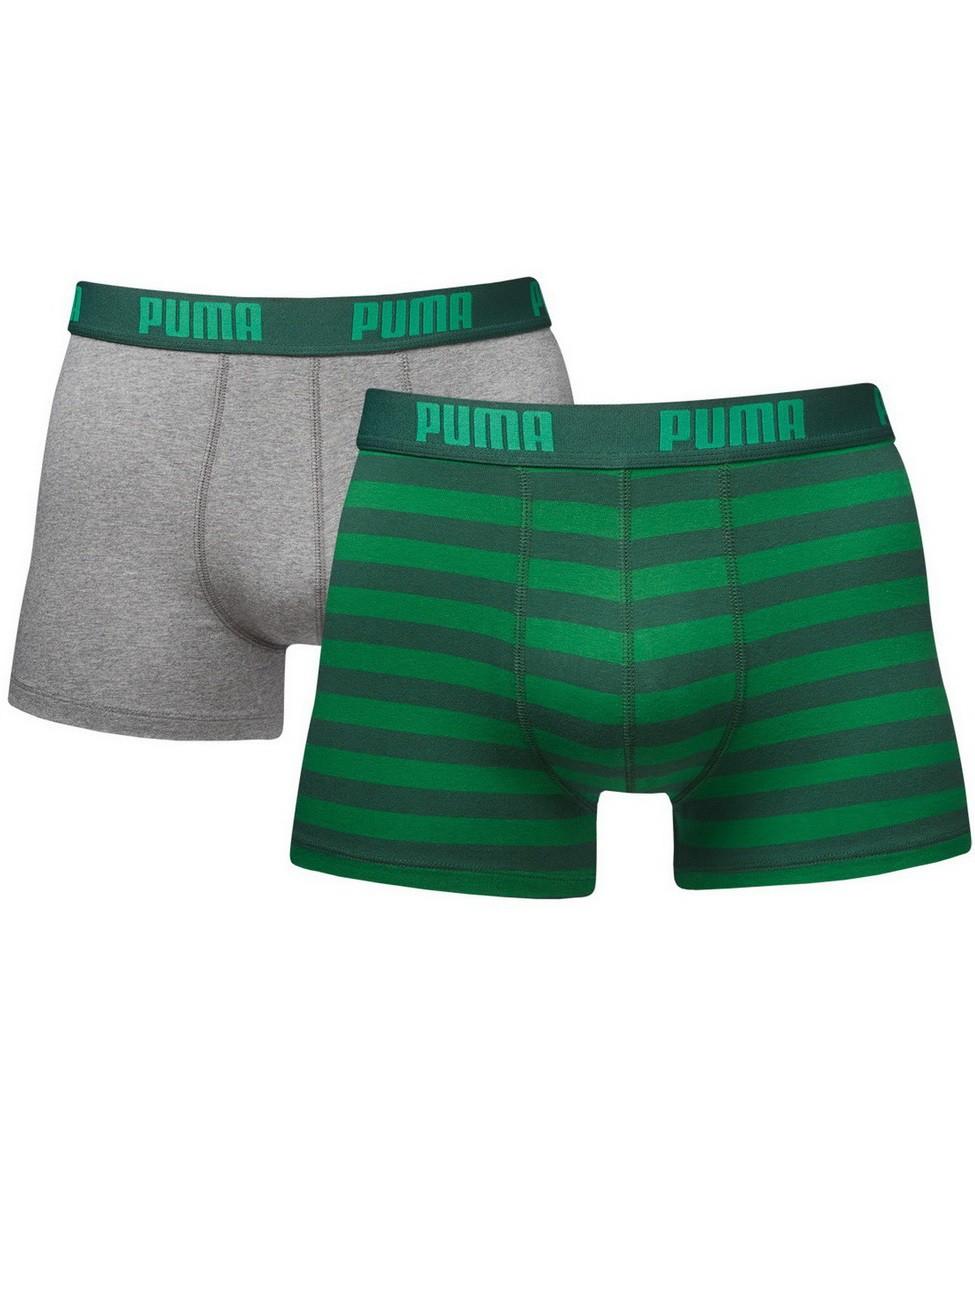 Puma Herren Boxershort Stripe Boxer 2er Pack S, green (327).